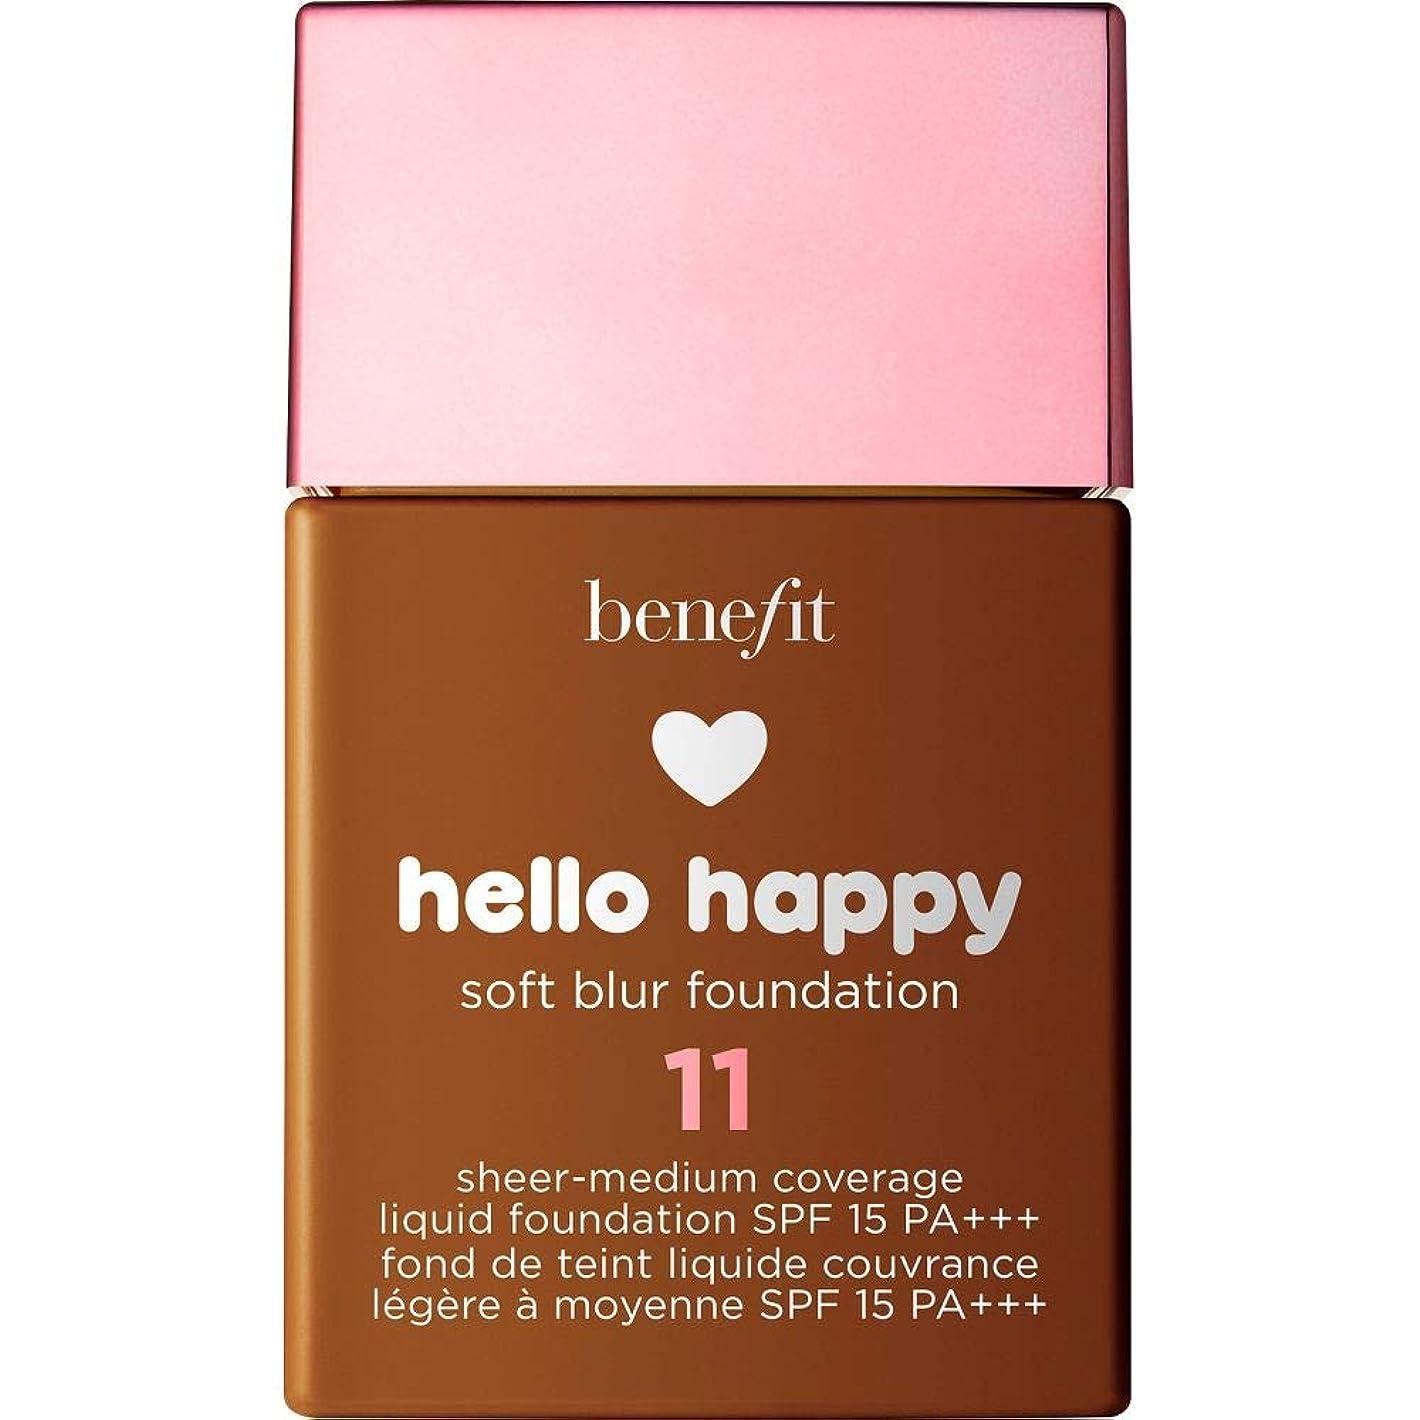 聴くパッケージ繁雑[Benefit ] 利点は、ハロー幸せソフトブラー基礎Spf15 30ミリリットル11 - ダークニュートラル - Benefit Hello Happy Soft Blur Foundation SPF15 30ml 11 - Dark Neutral [並行輸入品]